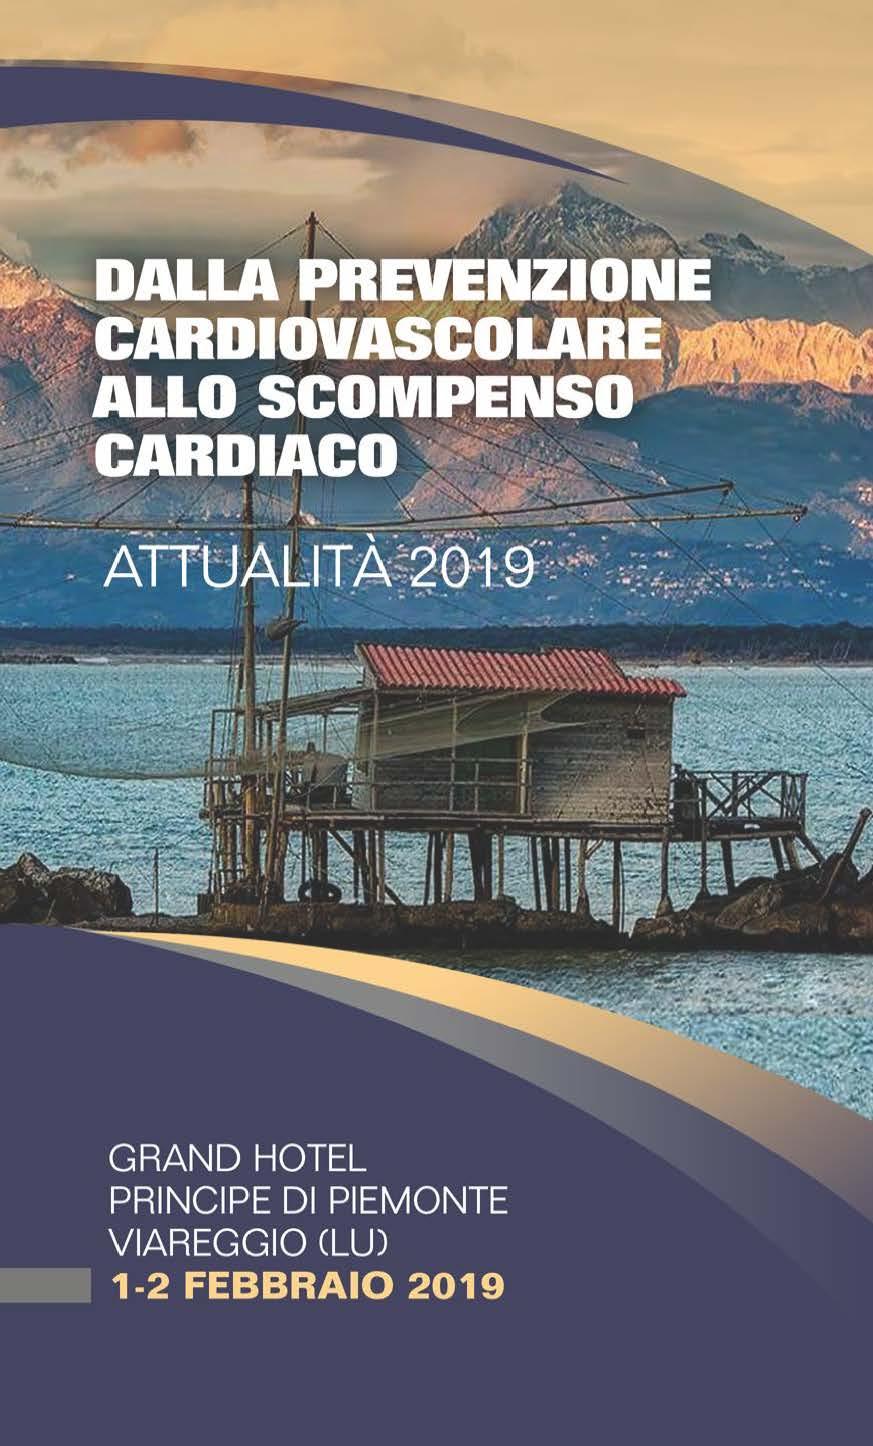 DALLA PREVENZIONE CARDIOVASCOLARE ALLO SCOMPENSO CARDIACO: ATTUALITÀ 2019